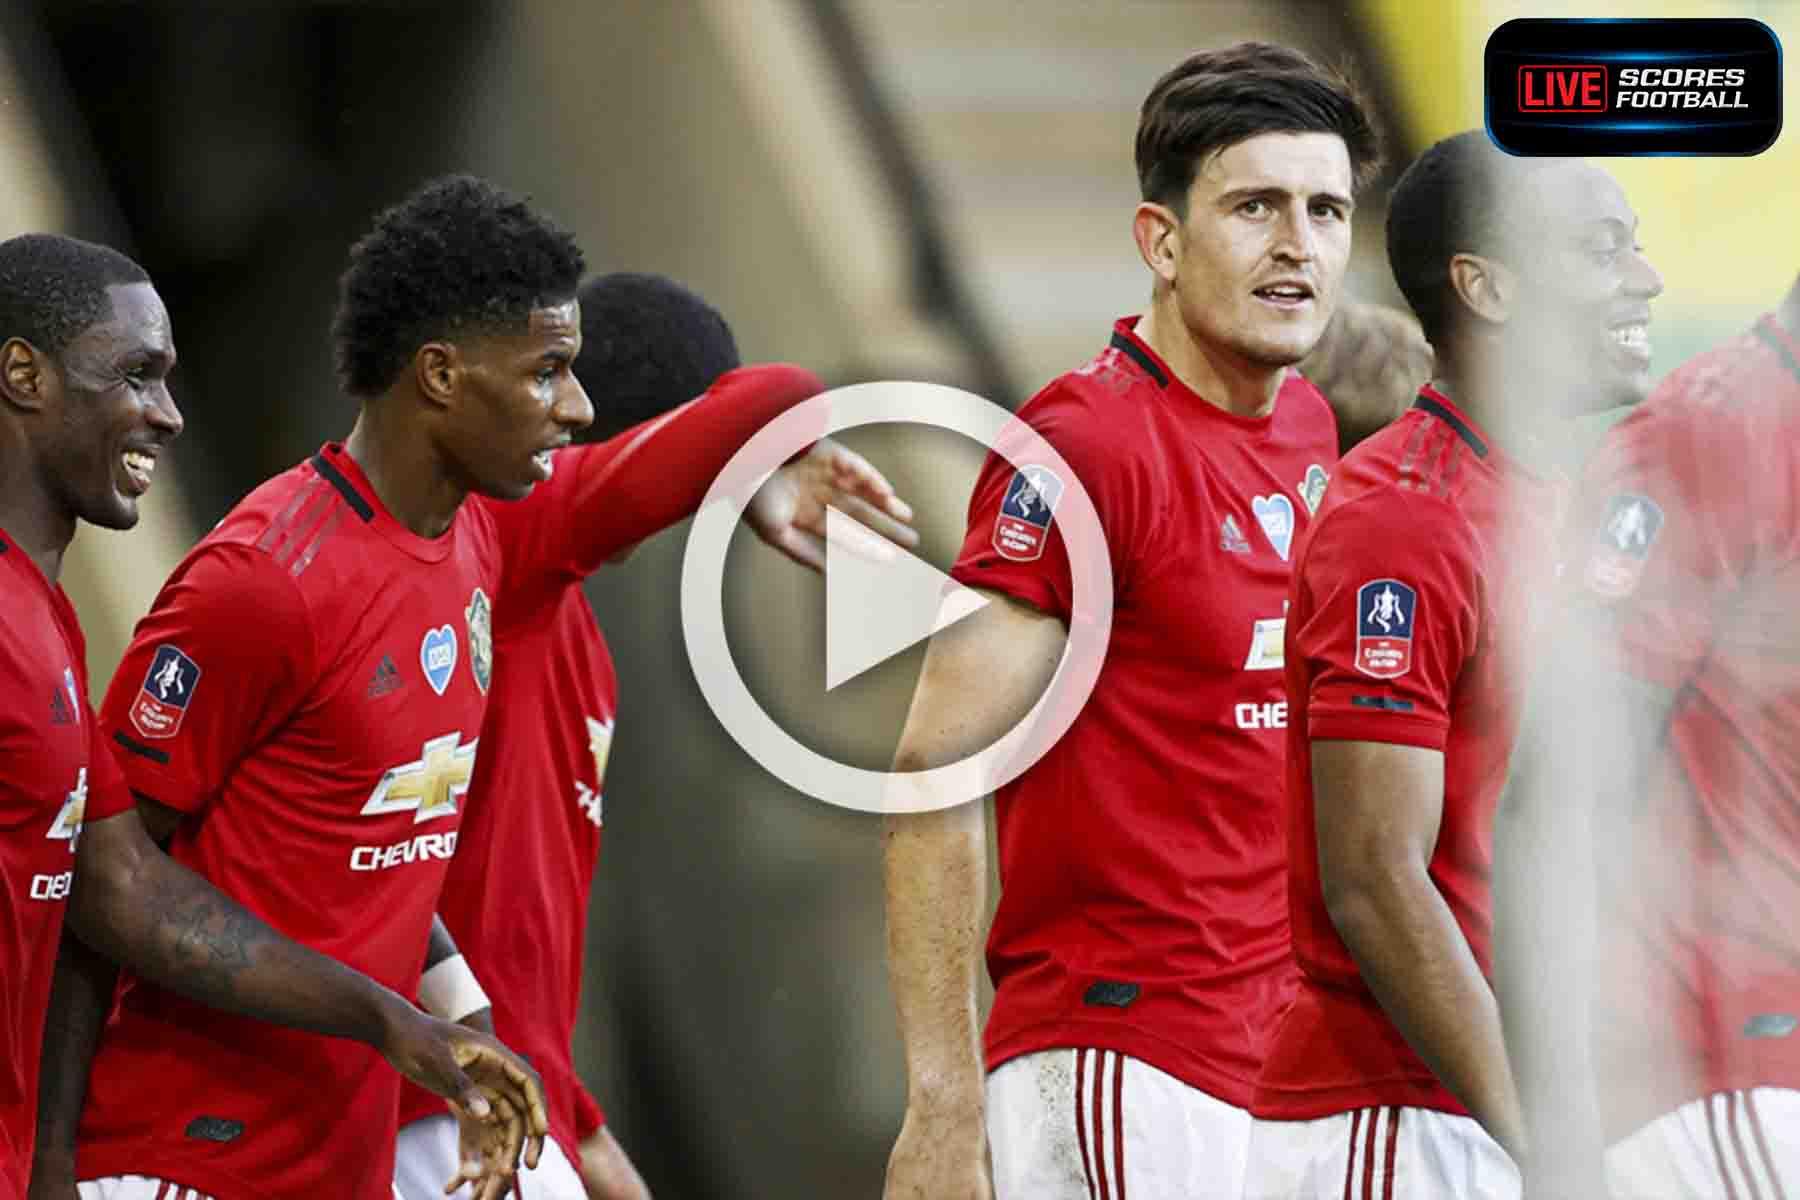 ไฮไลท์คู่เด็ด FA Cup นอริชซิตี 1-2 แมนเชสเตอร์ยูไนเต็ด วันที่ 27-6-2020 - LivescoresFB